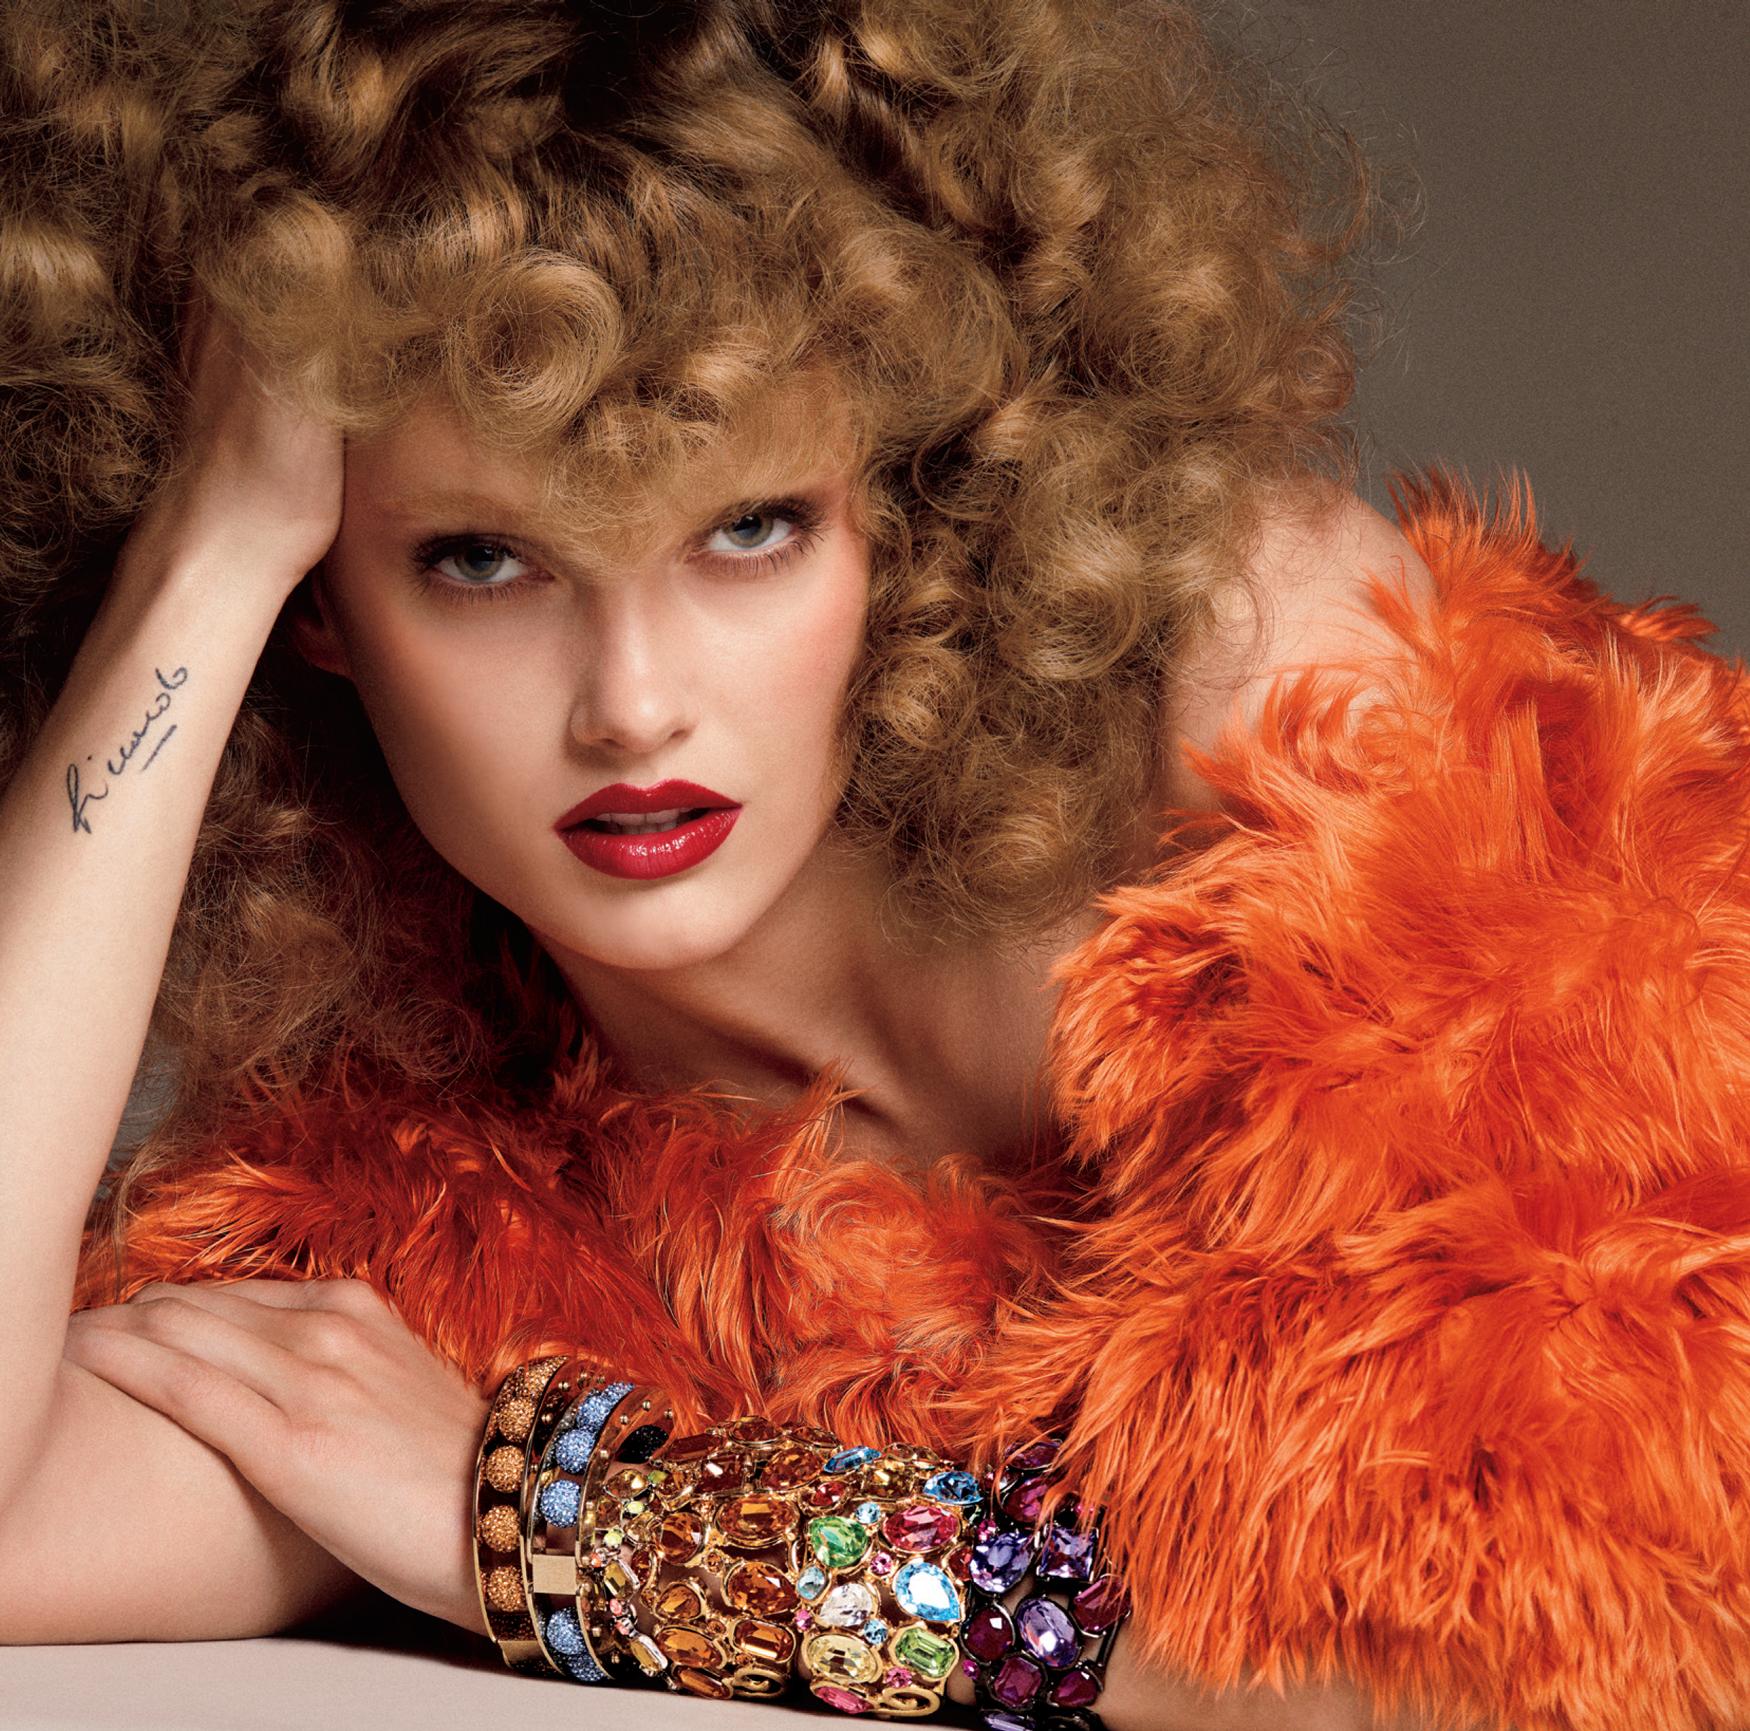 Giovanna-Battaglia-2-Style-Has-Many-Faces-Vogue-Japan-Daniele-Duella-Iango-Henzi.jpg